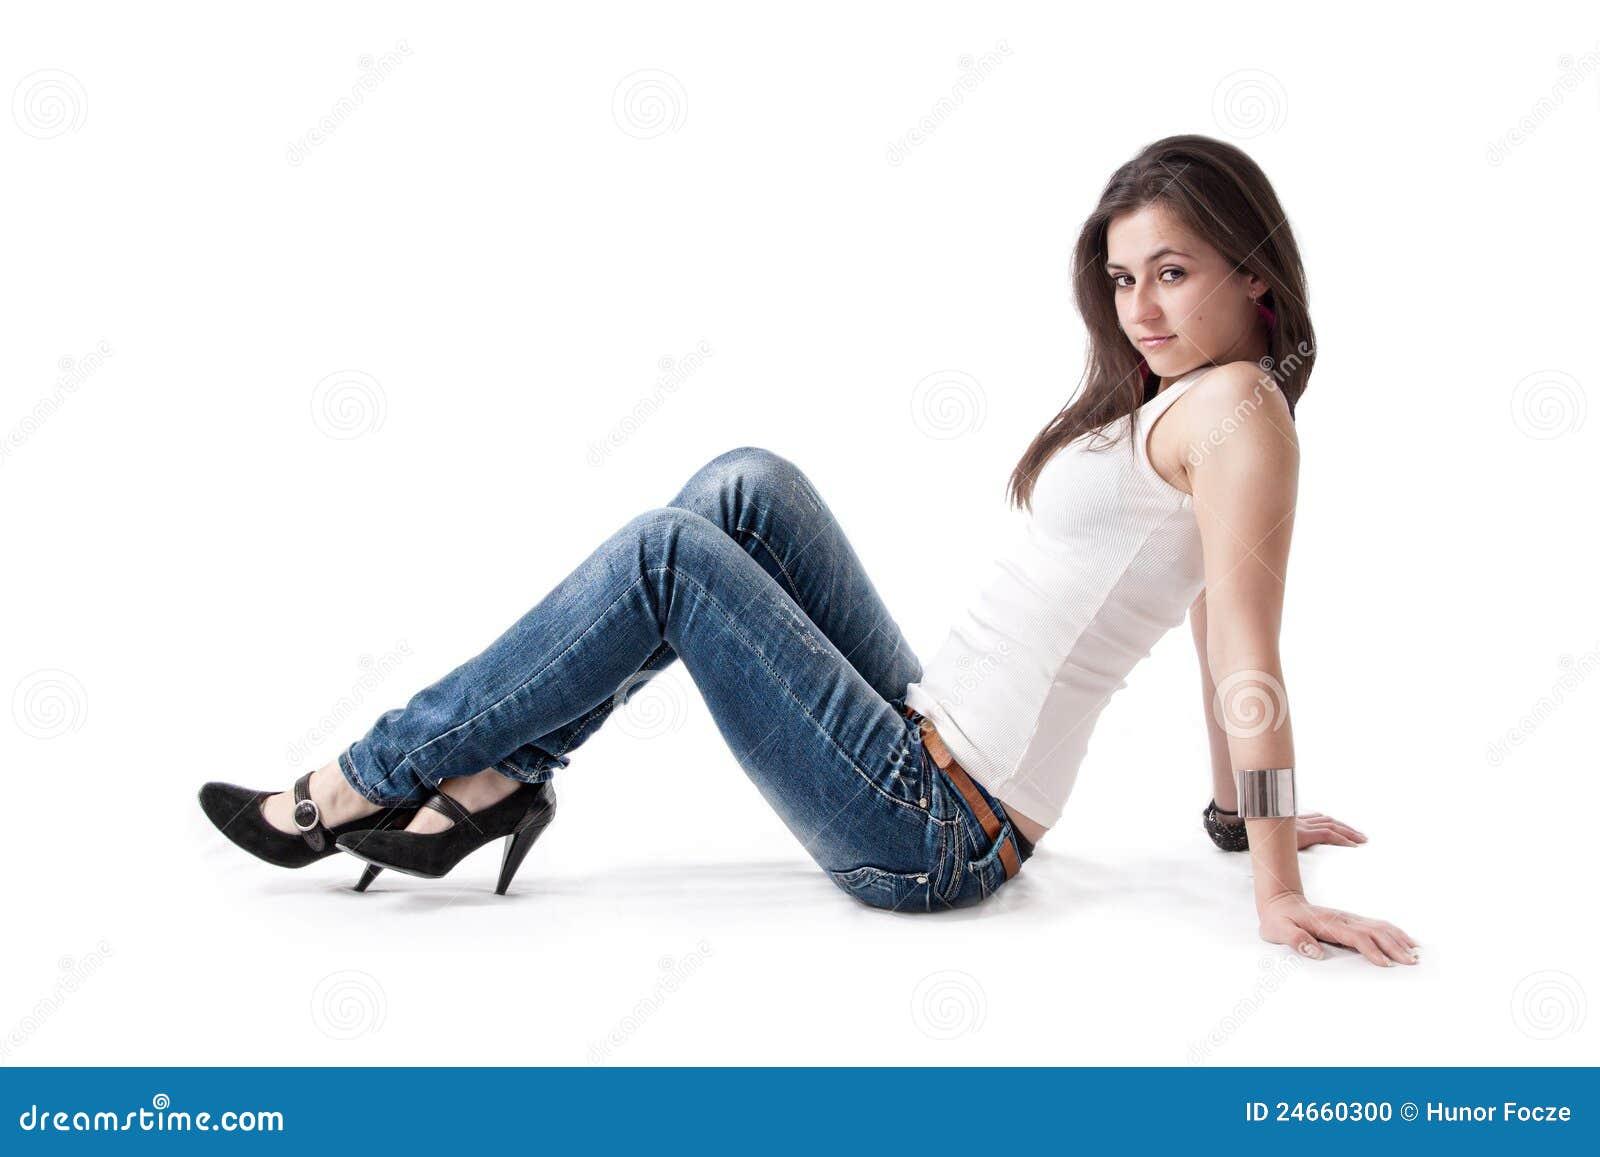 Смотреть онлайн жену в джинсах 18 фотография